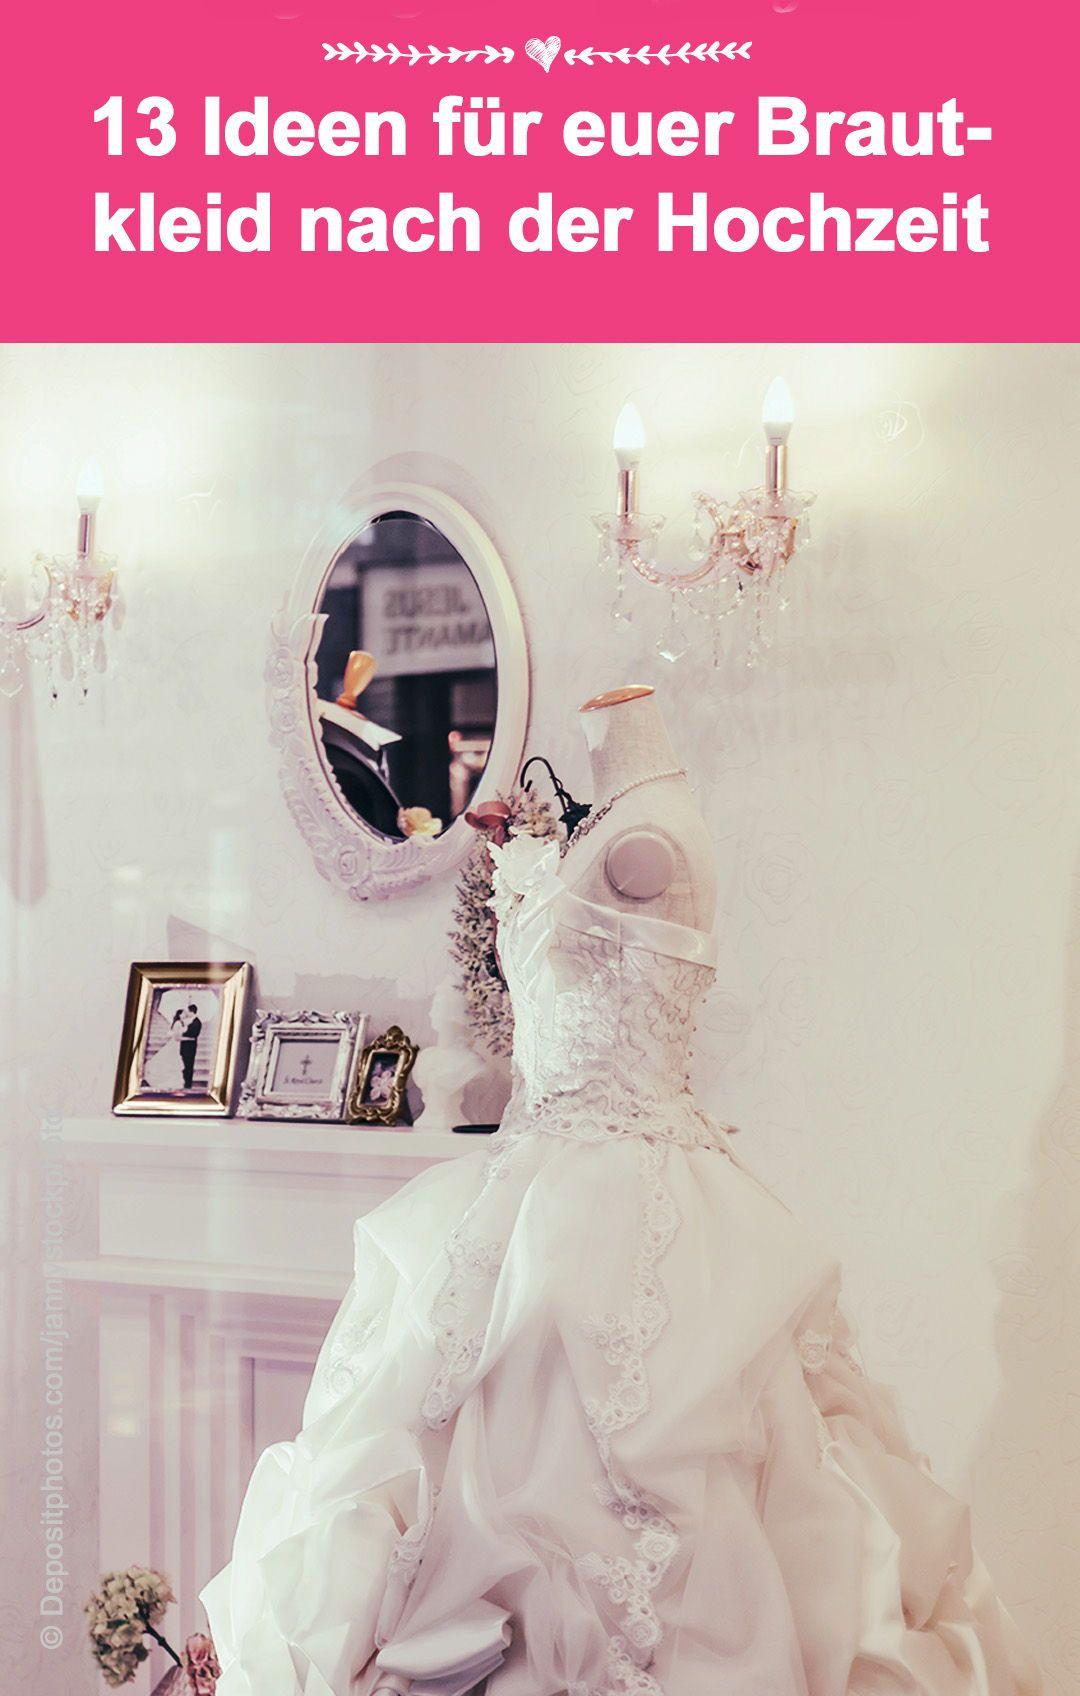 13 Besondere Verwendungsideen Fur Euer Brautkleid Nach Der Hochzeit Brautkleid Farben Co Brautkleid Farben Brautkleid Rahmen Brautkleid